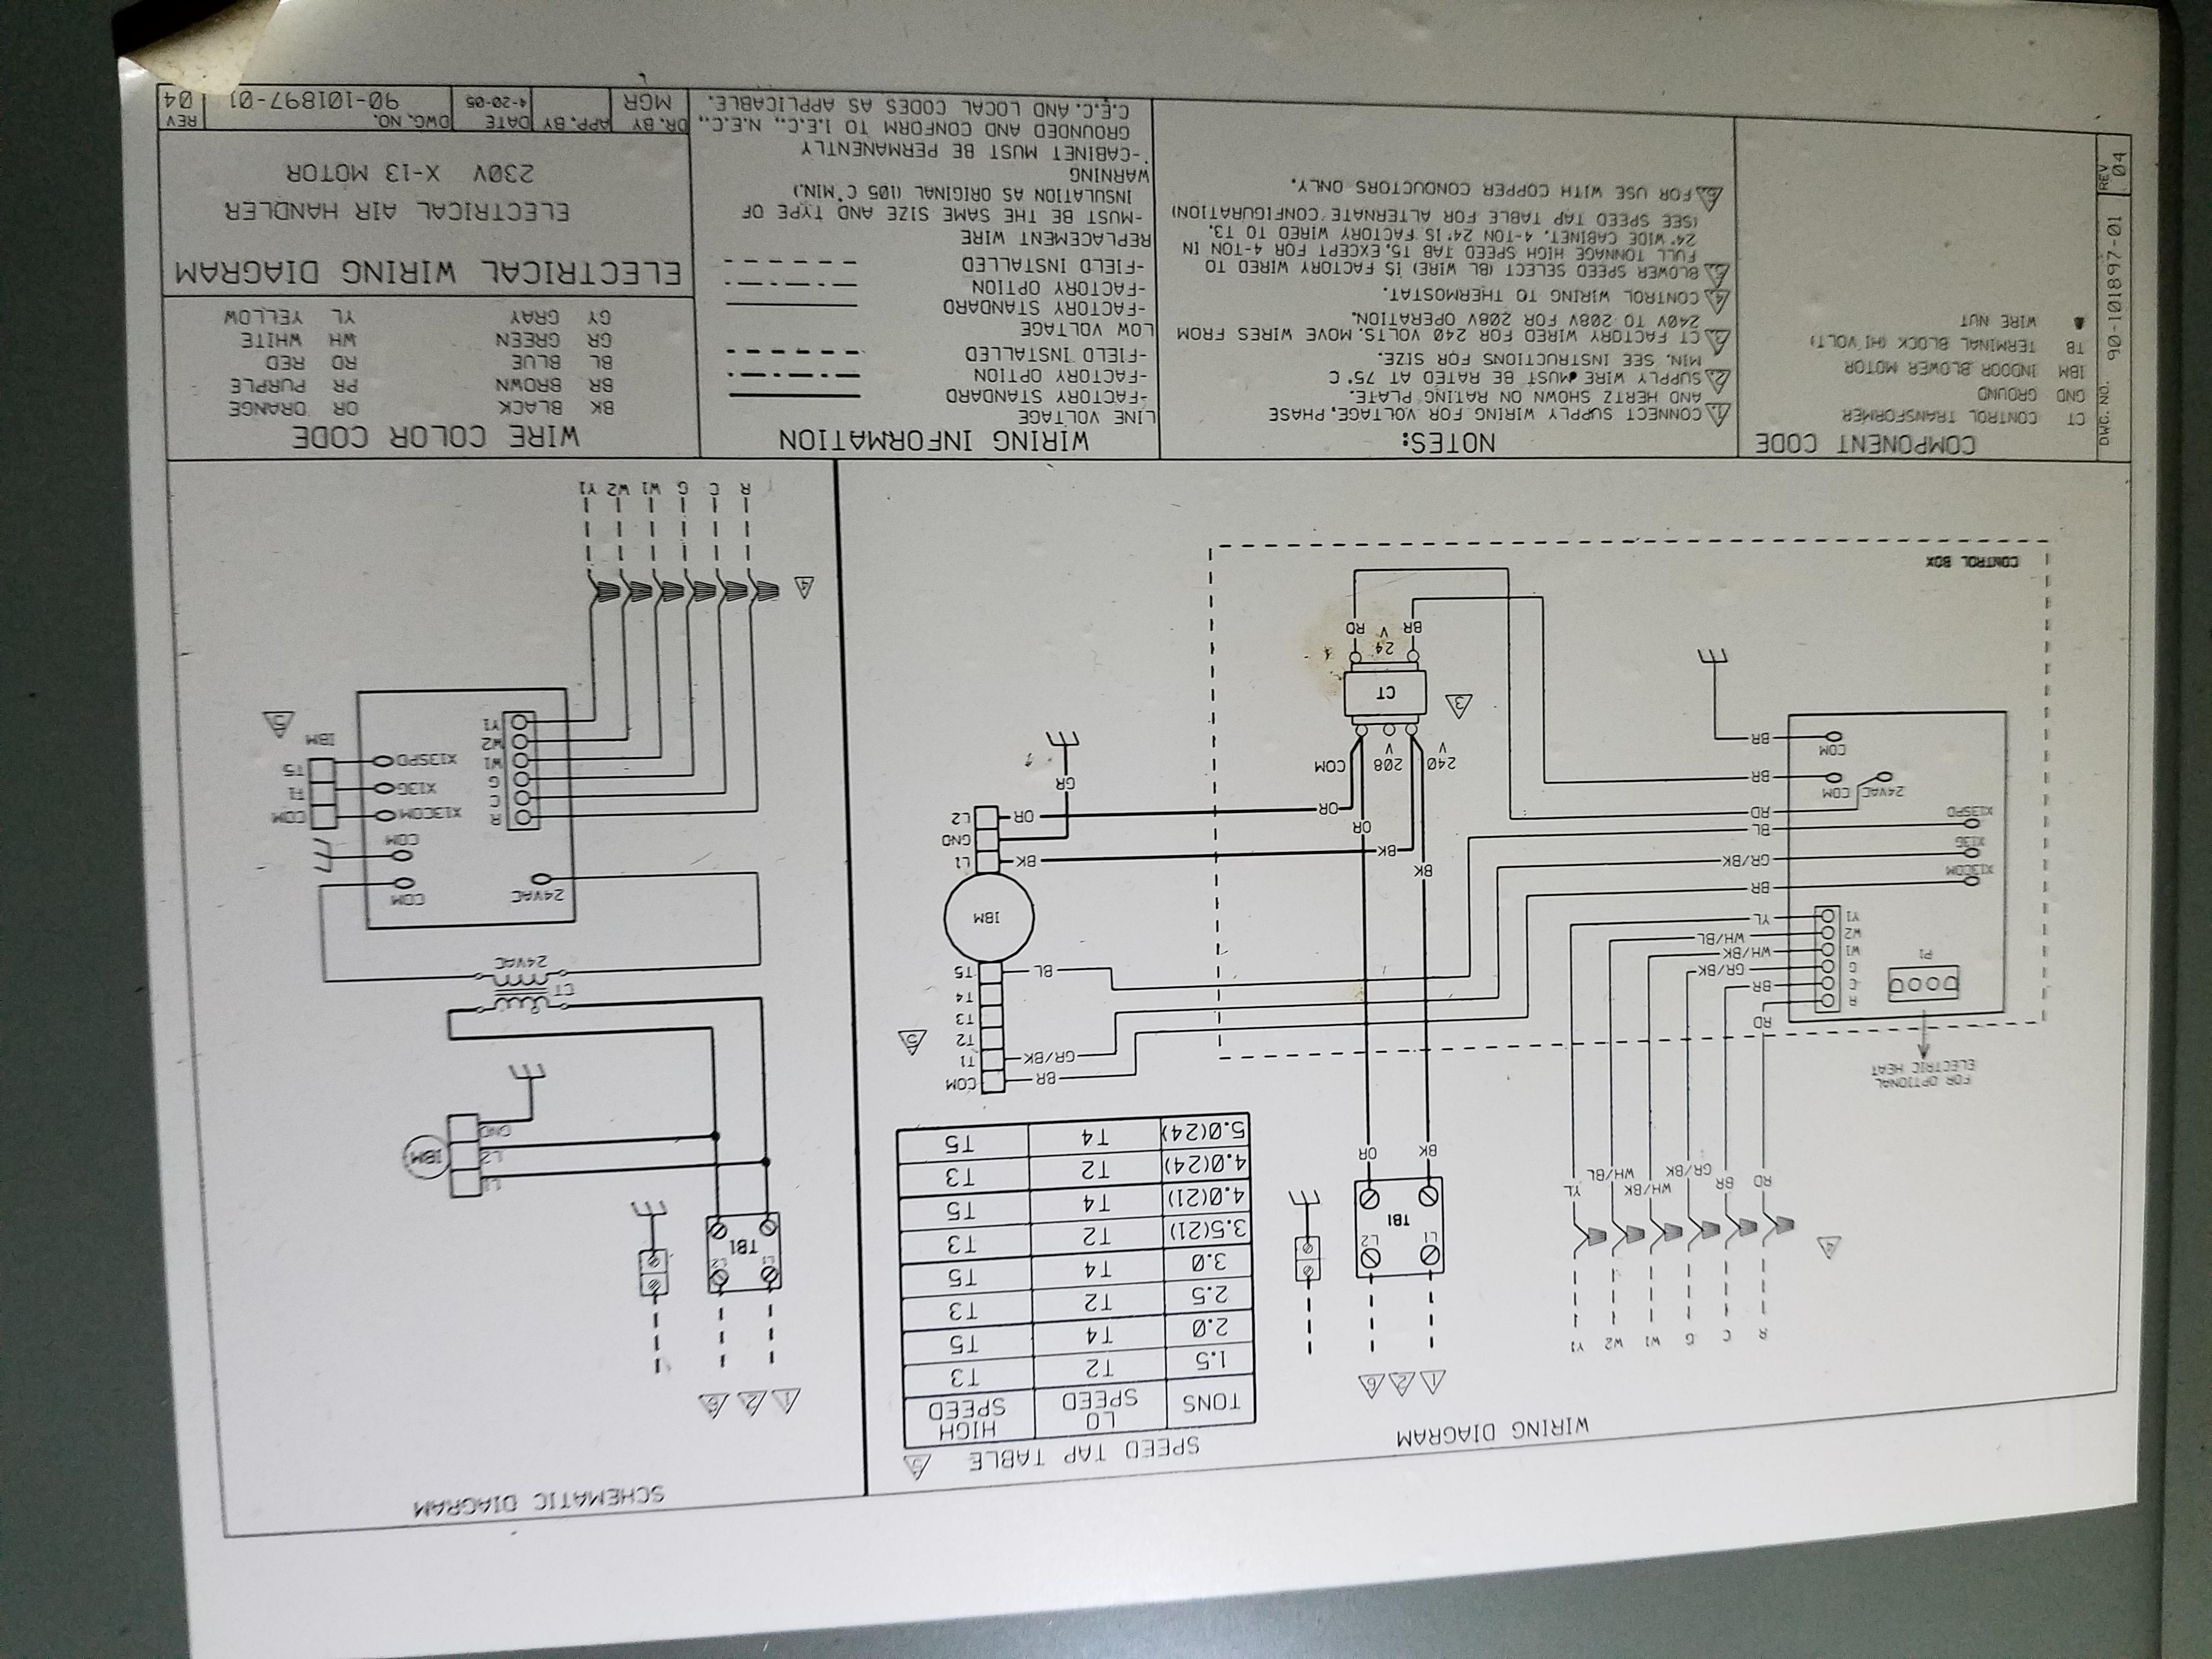 rheem rhll wiring diagram i have a rheem split package ac unit 4 ton rhla hm4821ja air  ac unit 4 ton rhla hm4821ja